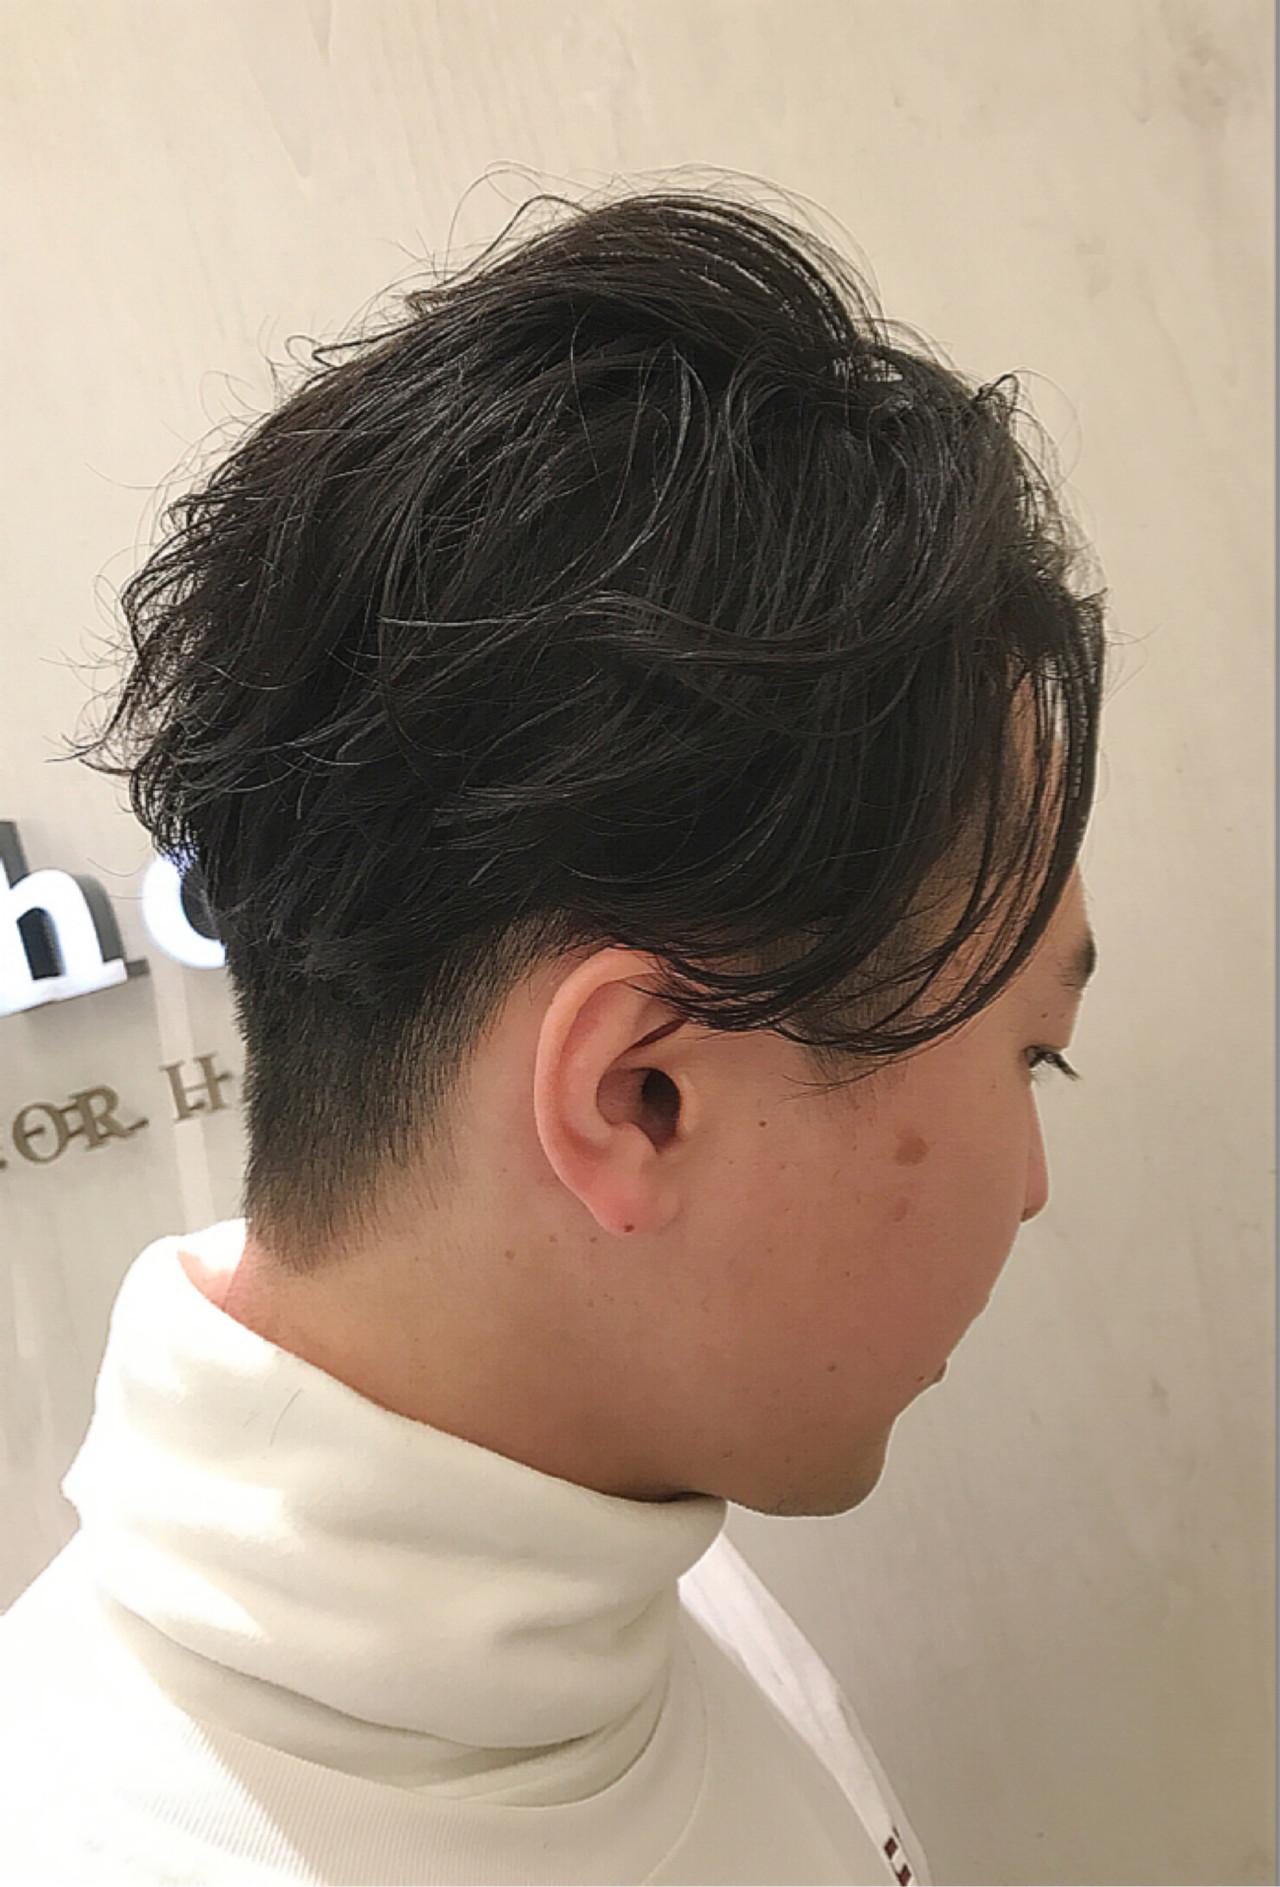 ショート ナチュラル メンズショート メンズパーマ ヘアスタイルや髪型の写真・画像